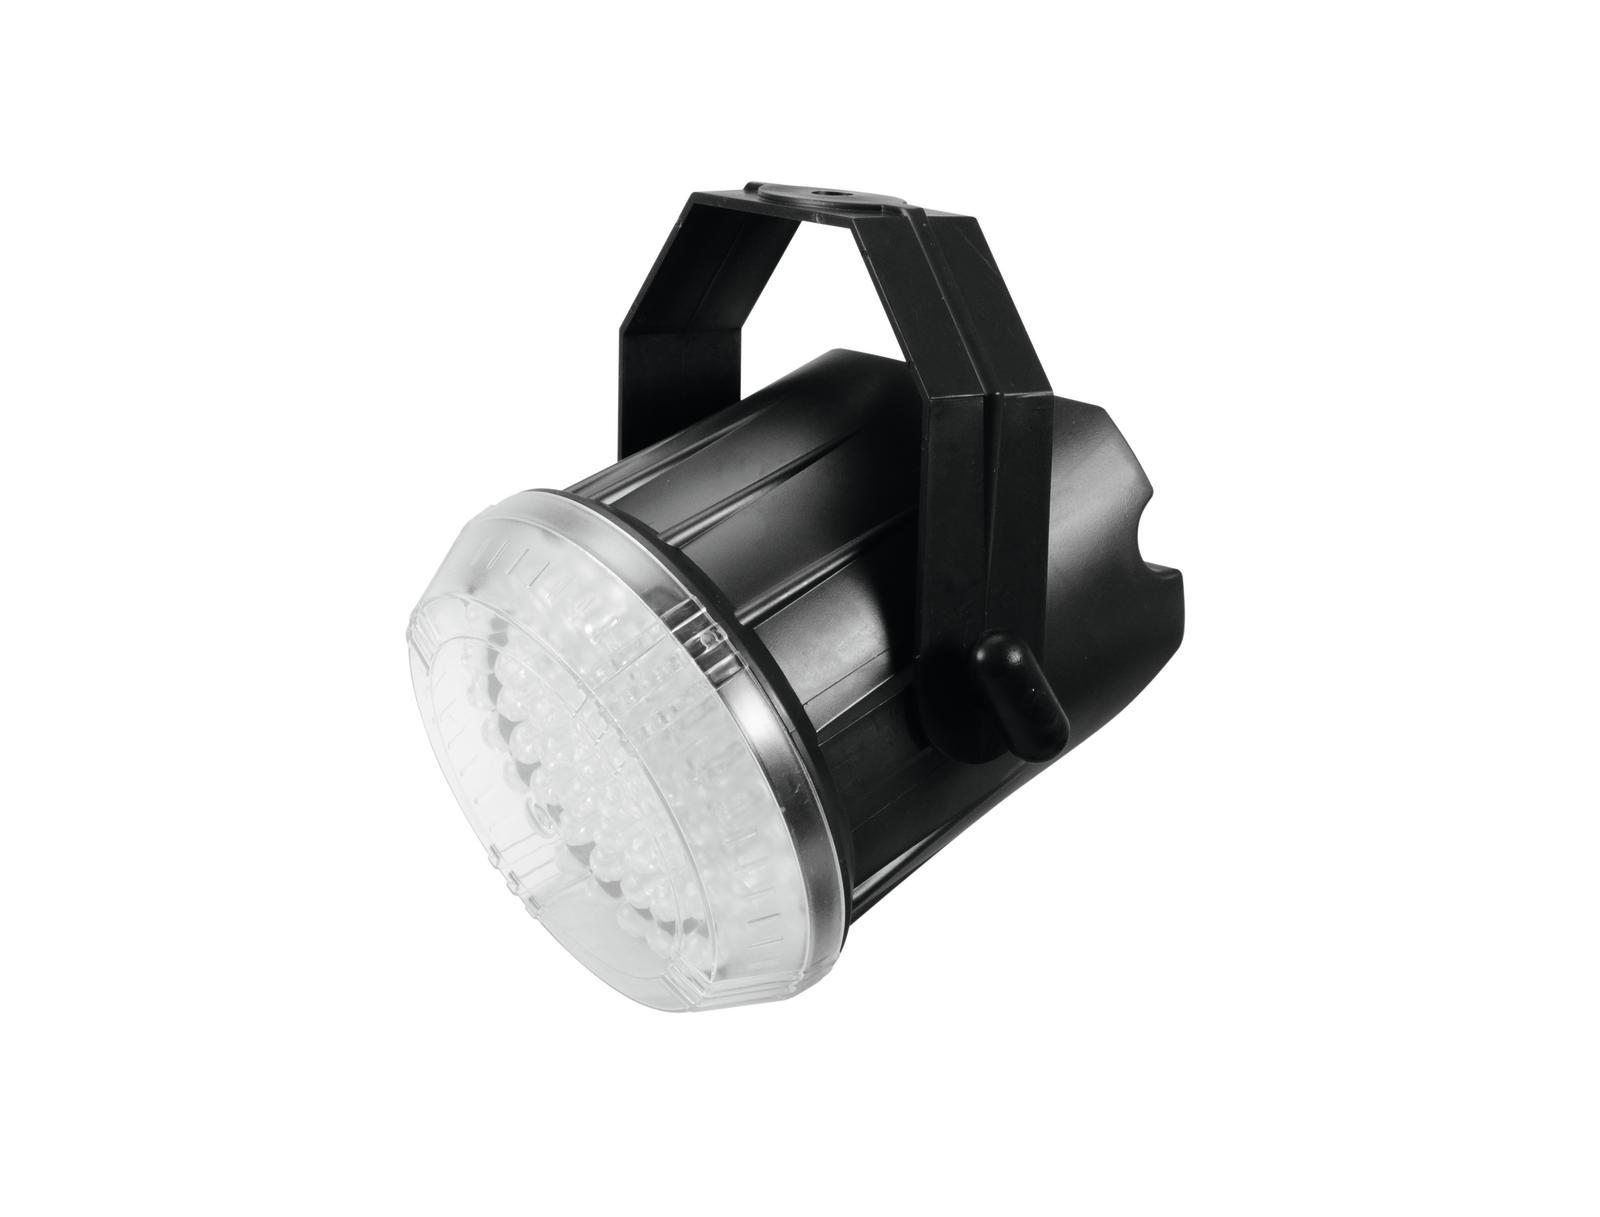 EUROLITE LED Techno LED strobo con varie possibilità di impostazione